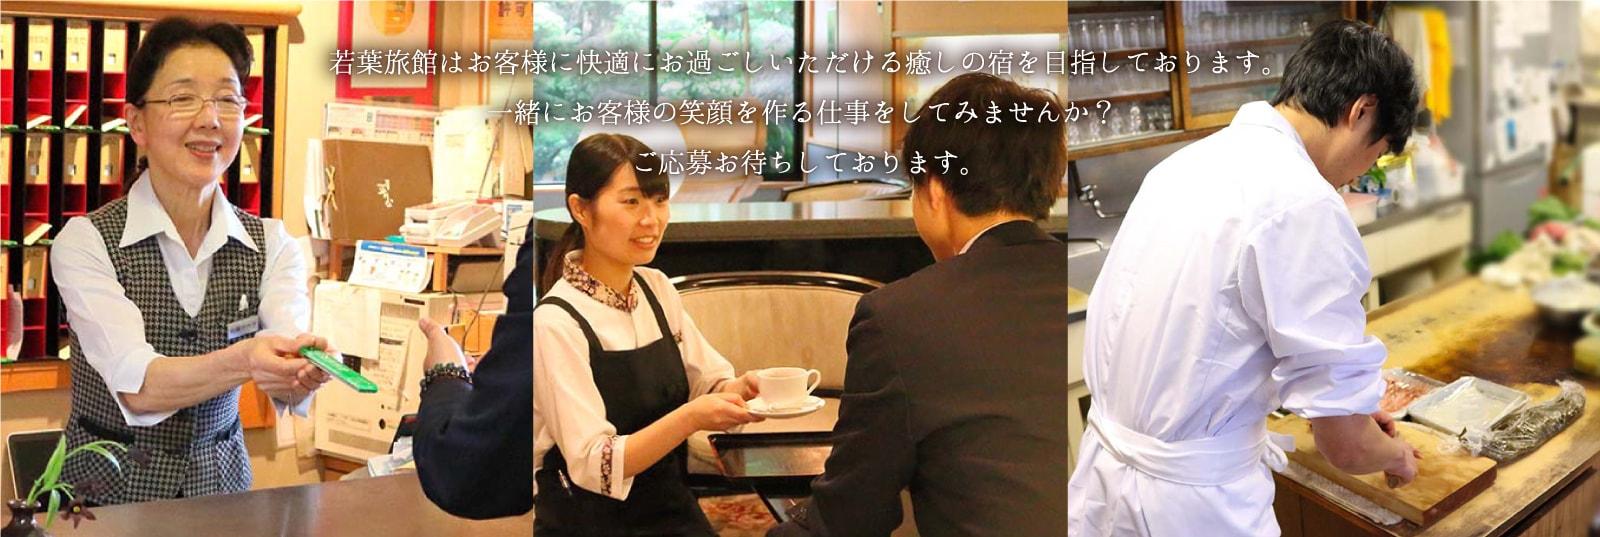 若葉旅館はお客様に快適にお過ごしいただける癒しの宿を目指しております。一緒にお客様の笑顔を作る仕事をしてみませんか?ご応募お待ちしております。